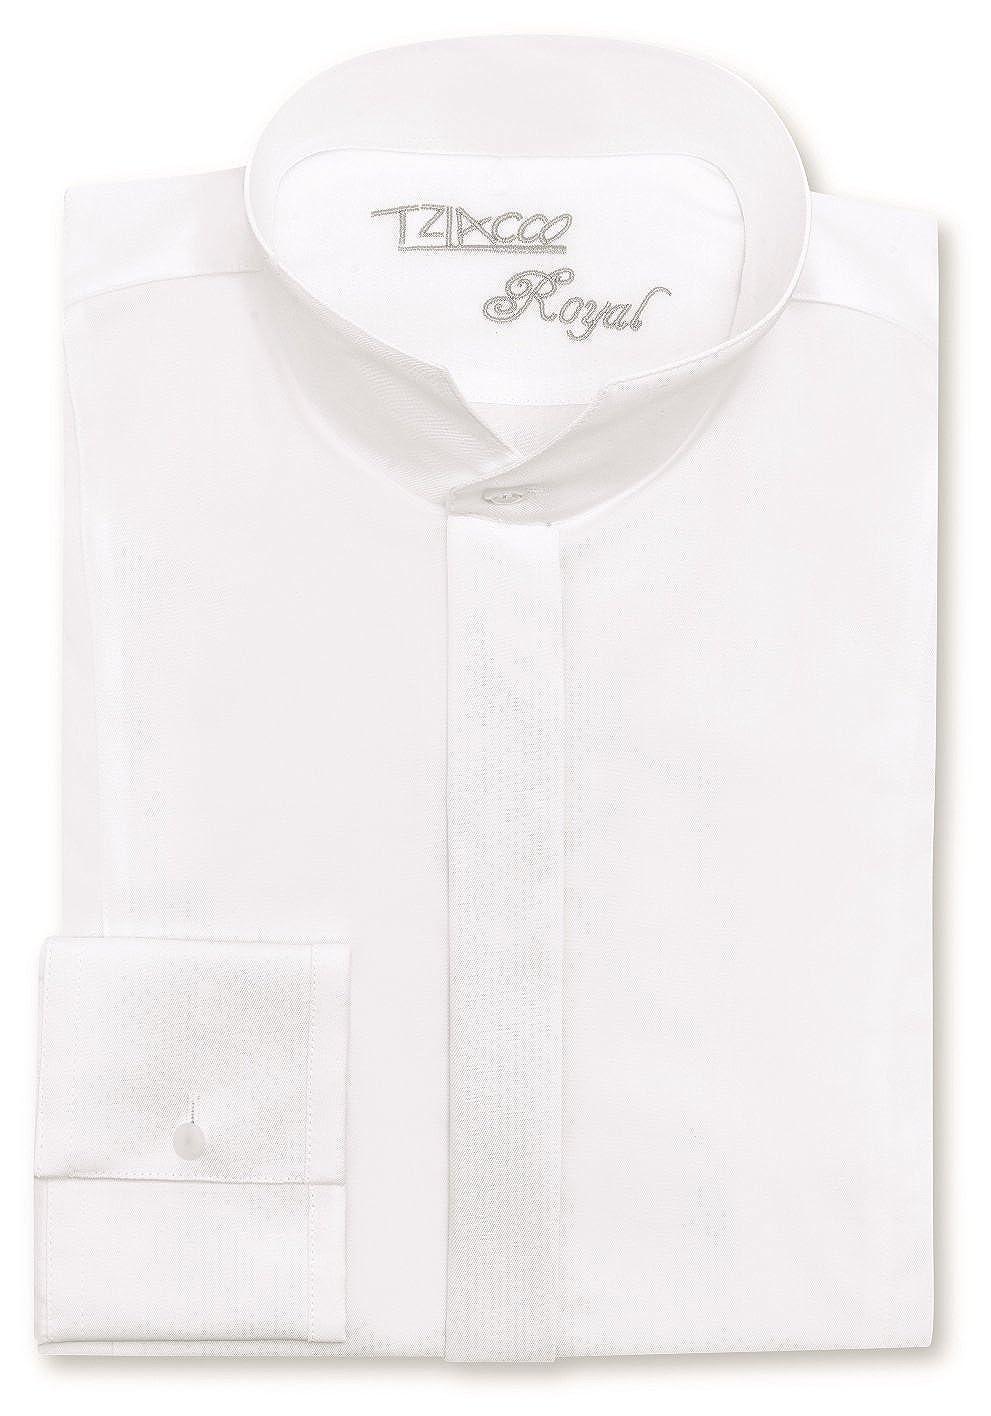 Tziacco Royal Hemd, Stehkragen, weiß, 100% BW weiß